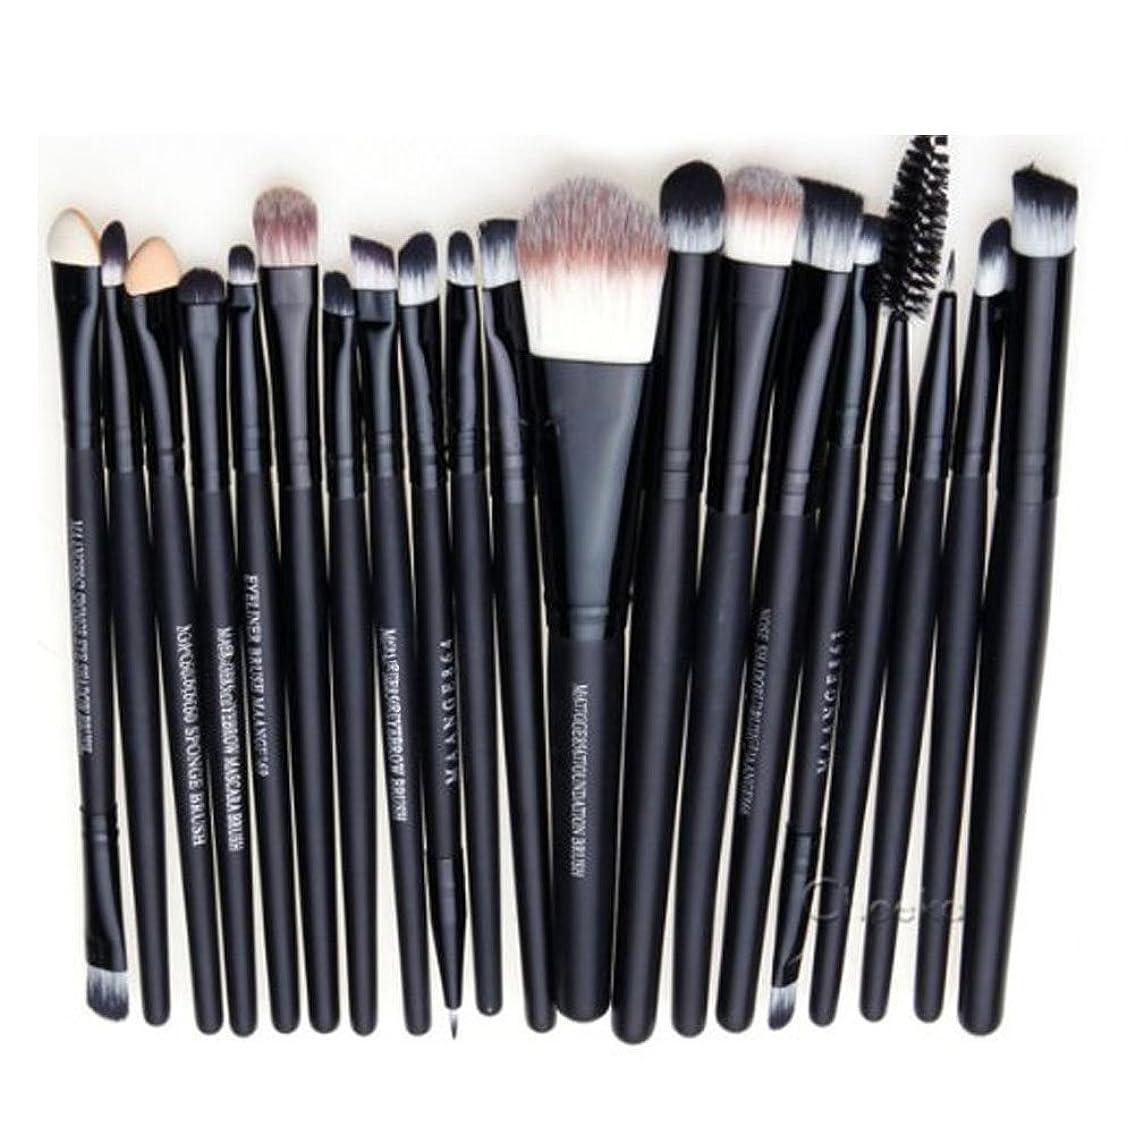 コンデンサードナー促すWeanty 化粧筆 コスメブラシ 20本のアイシャドーブラシ 多機能メイクブラシ 化粧ブラシセット(ブラック)